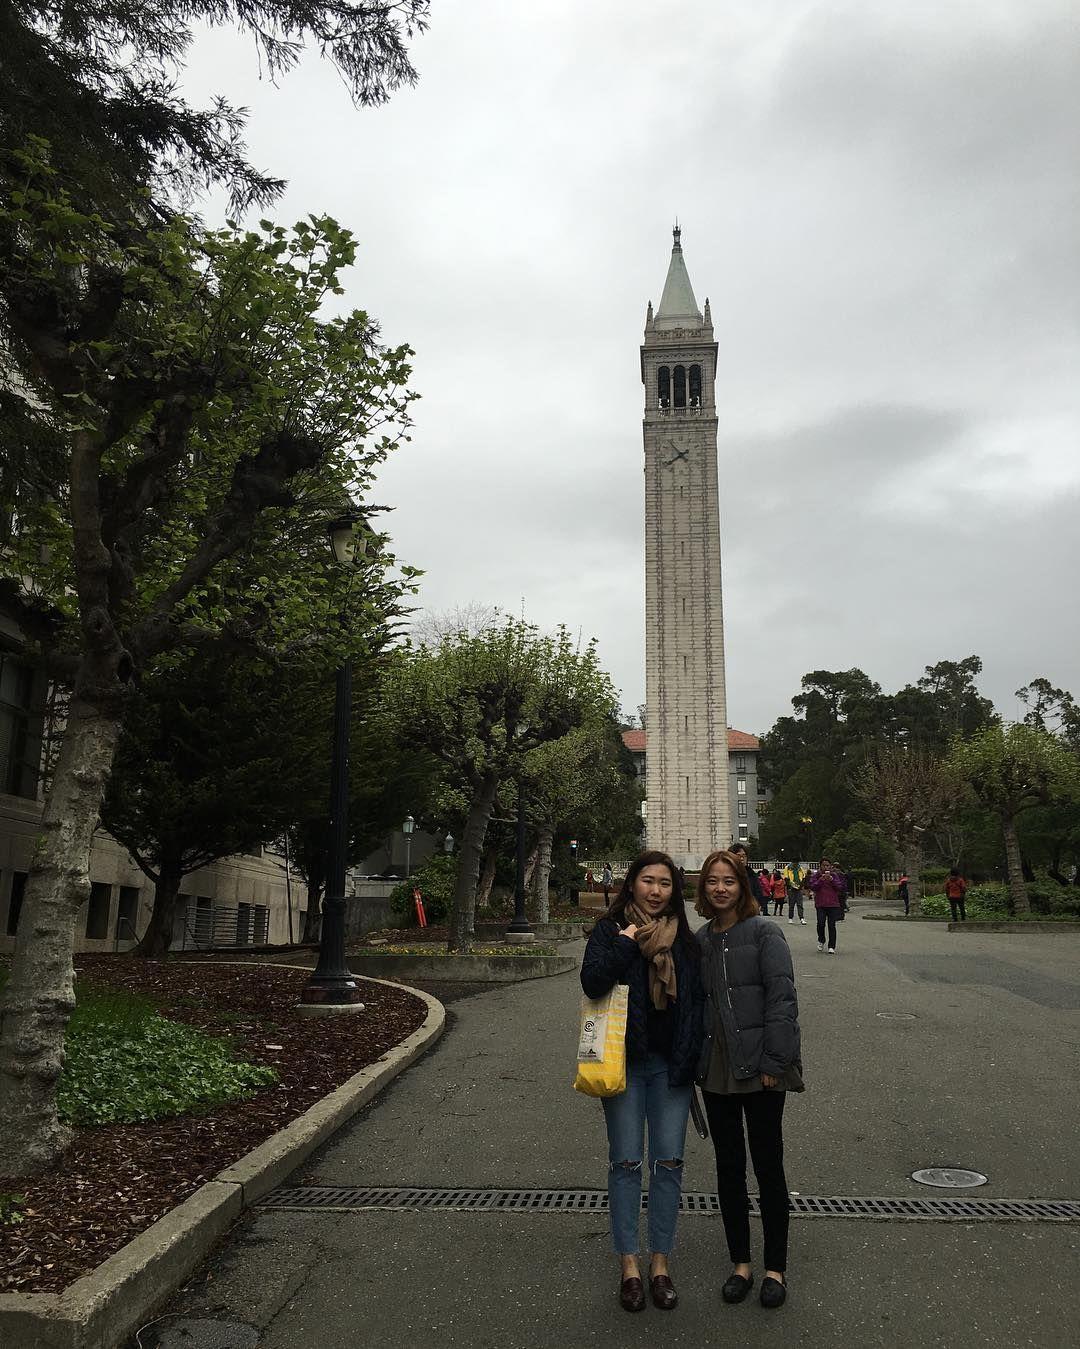 UC Berkeley 이대에서 맨날 중국인 봤는데.. 여기는 우리가 그분들 느낌일듯 #미국 #미국여행 #캘리포니아 #샌프란시스코 #셀스타그램 by seungyeonnii